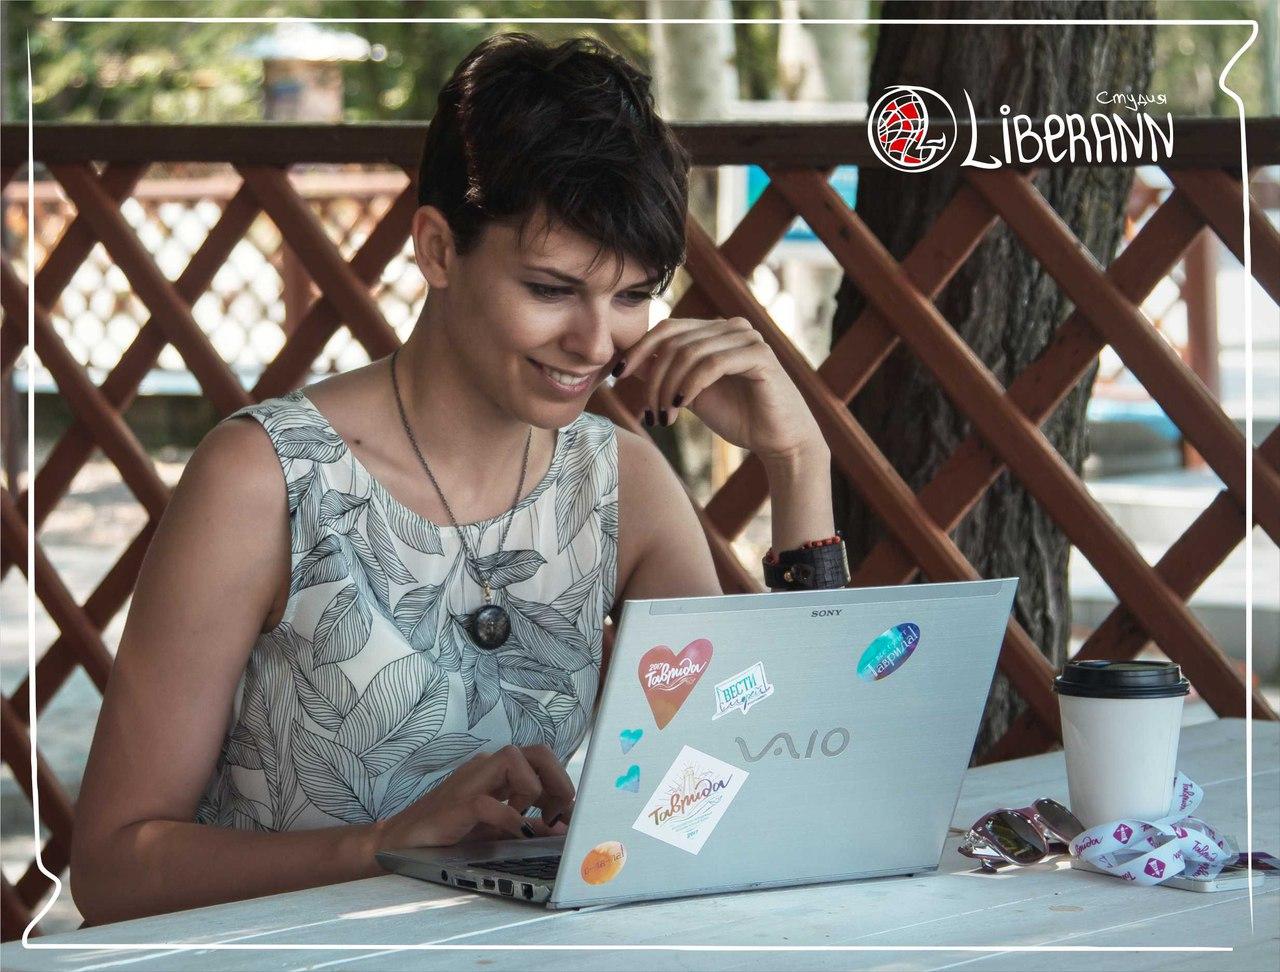 Анна Либер: фрилансер или удаленный сотрудник?